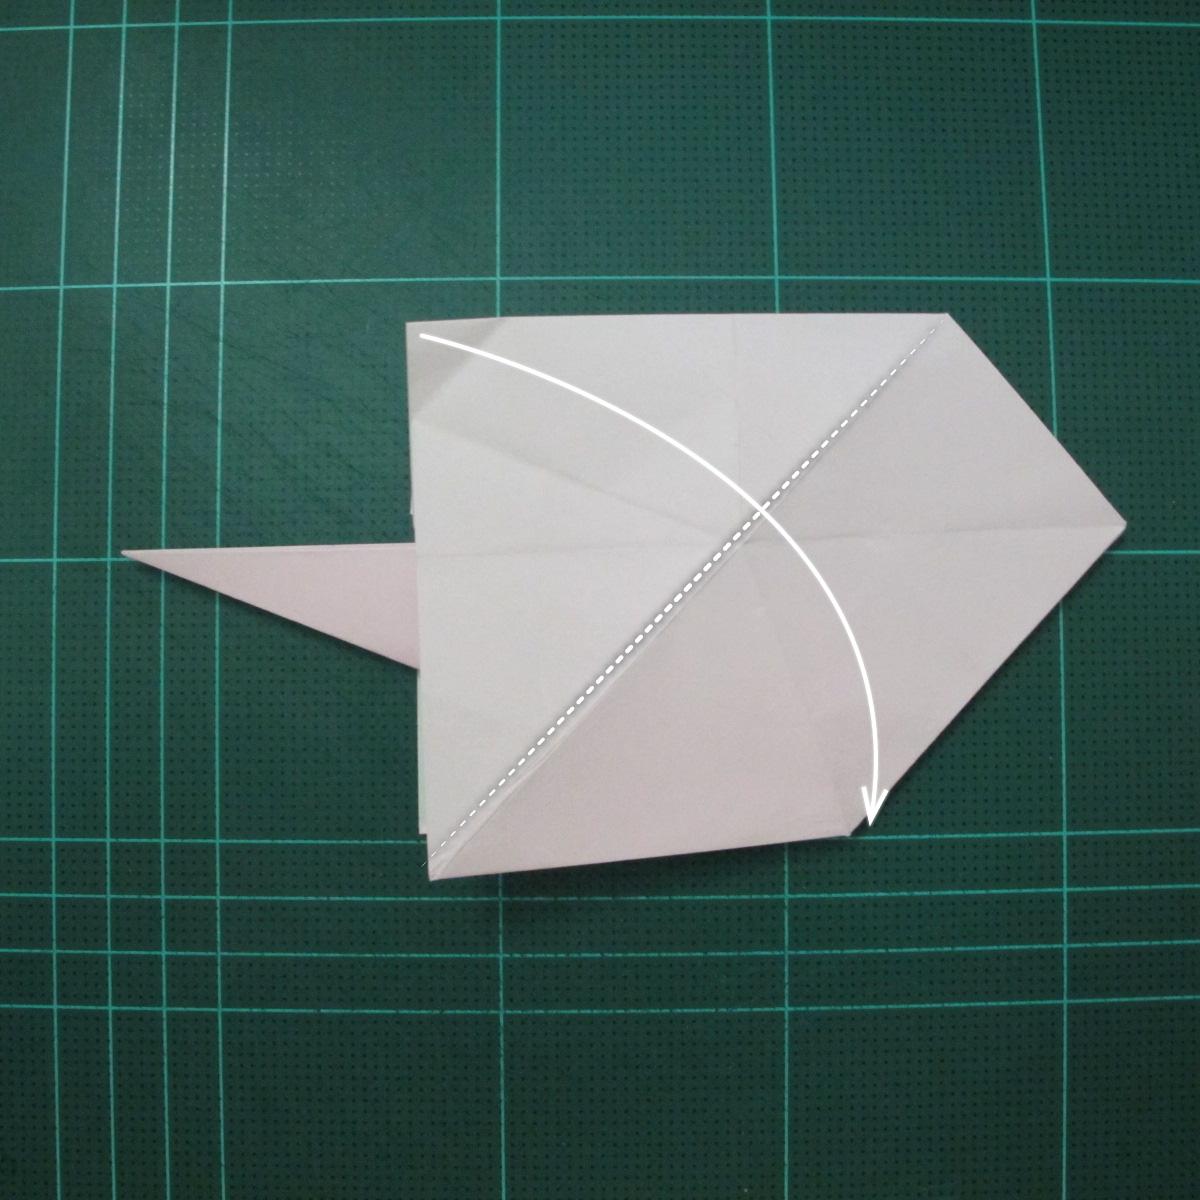 การพับกระดาษเป็นไดโนเสาร์ทีเร็กซ์ (Origami Tyrannosaurus Rex) 015